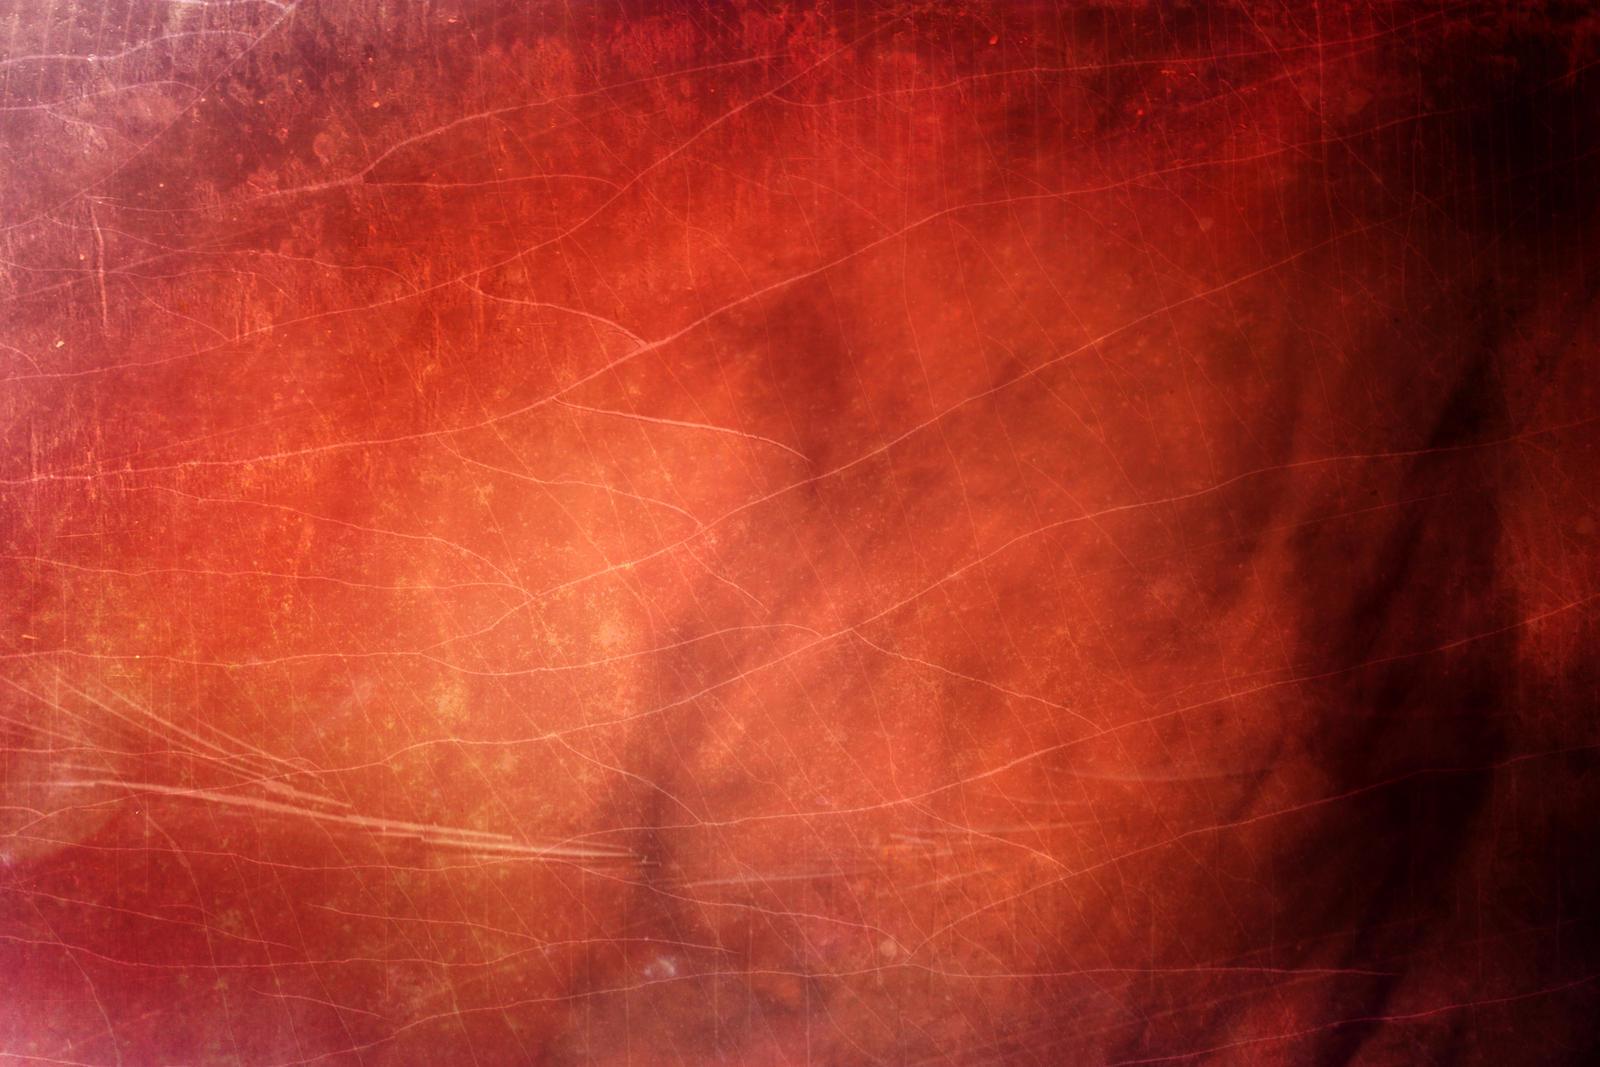 Texture 348 by Sirius-sdz